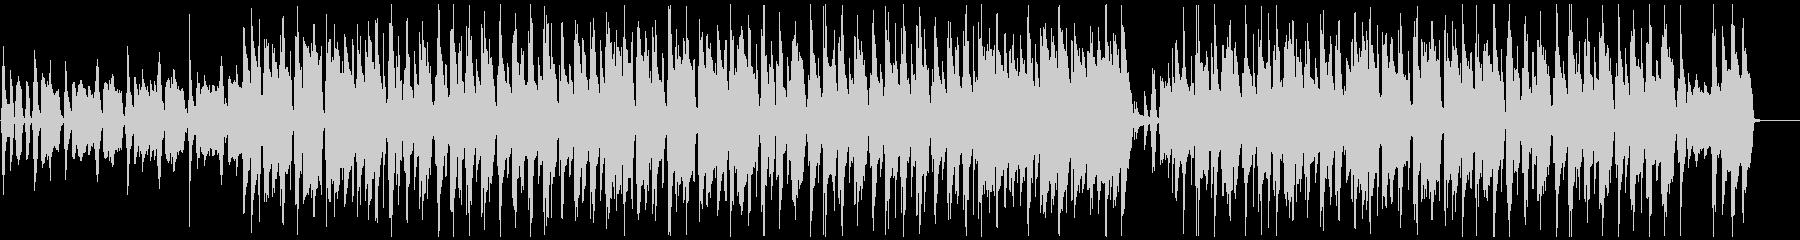 ほのぼの可愛いリコーダーとウクレレの楽曲の未再生の波形